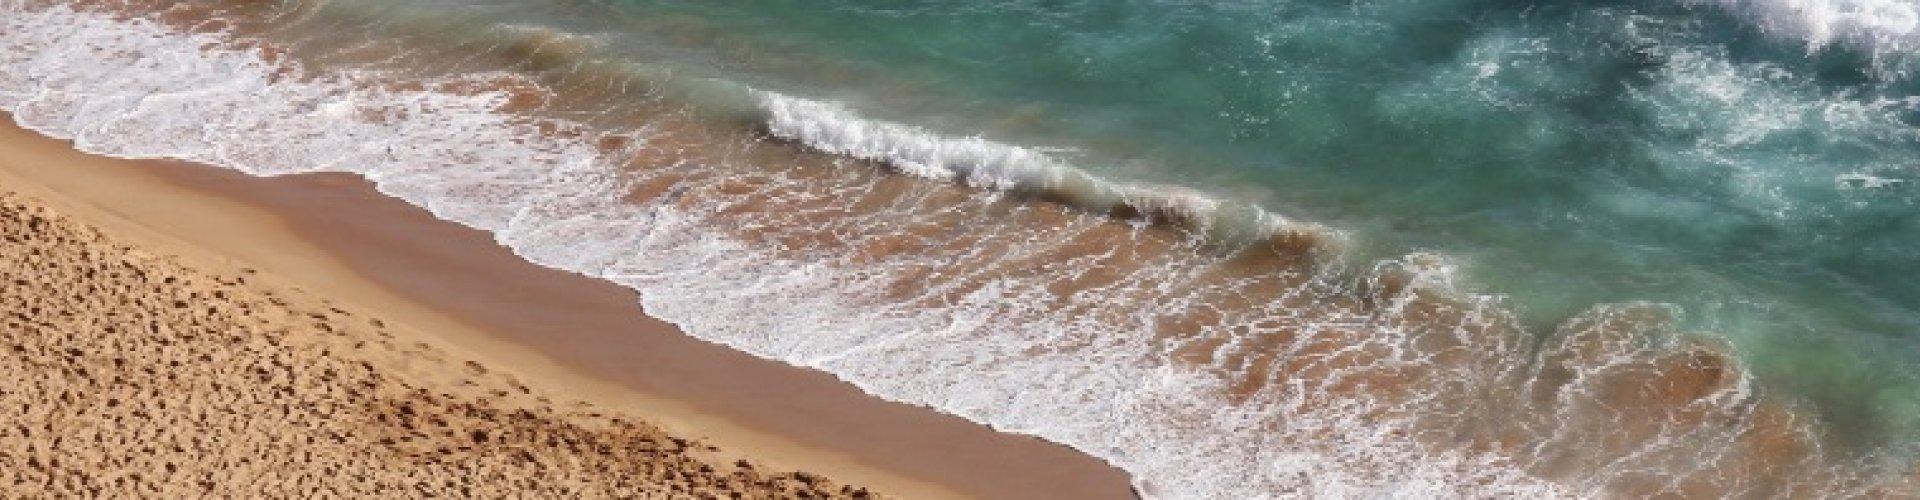 Kleopatra-Strand